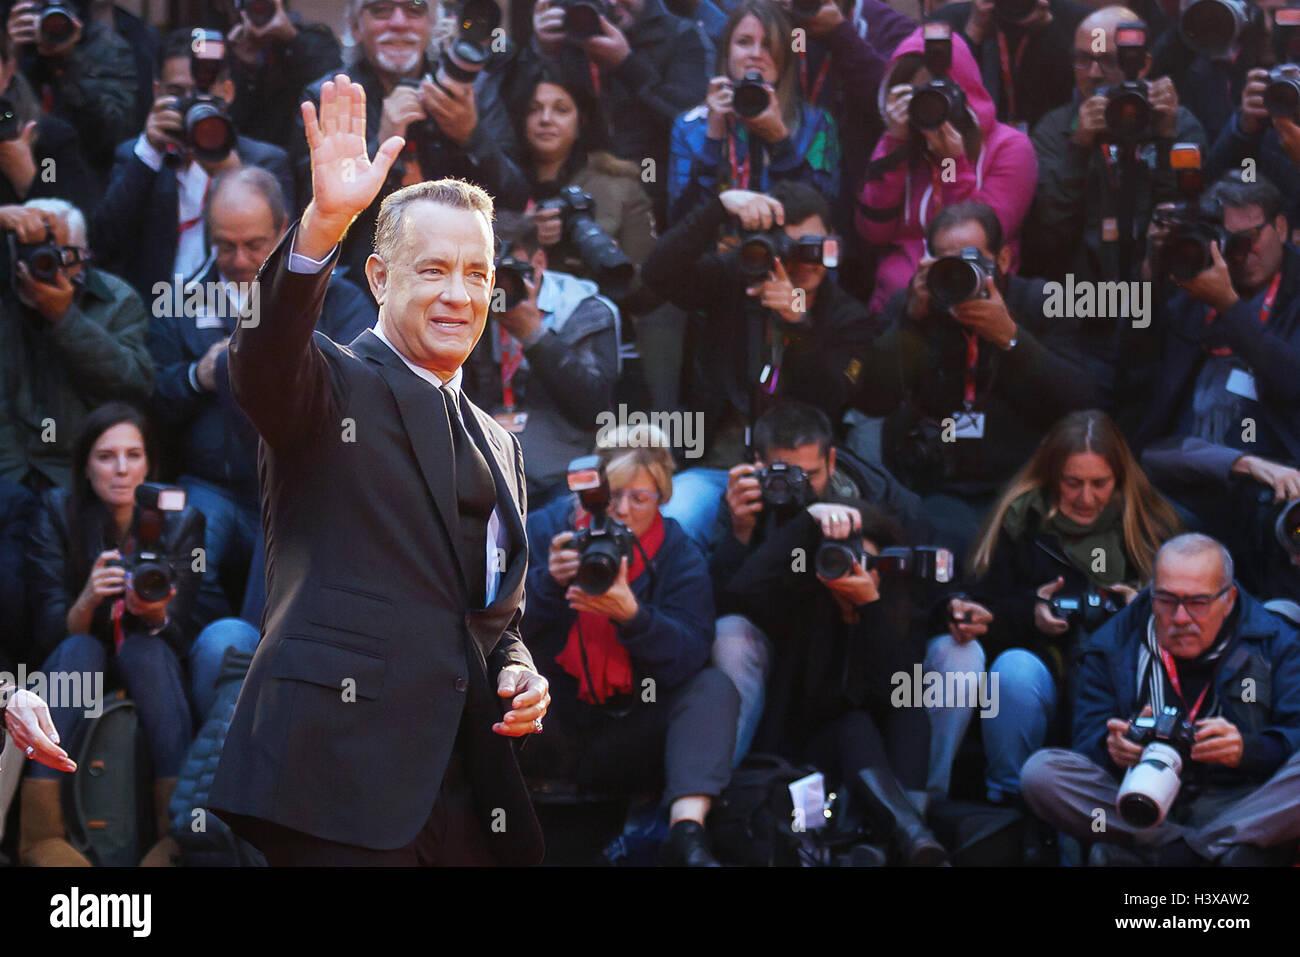 Roma, Italia. El 13 de octubre, 2016. Tom Hanks en la alfombra roja en el 11º Festival de Cine de Roma, saluda Imagen De Stock